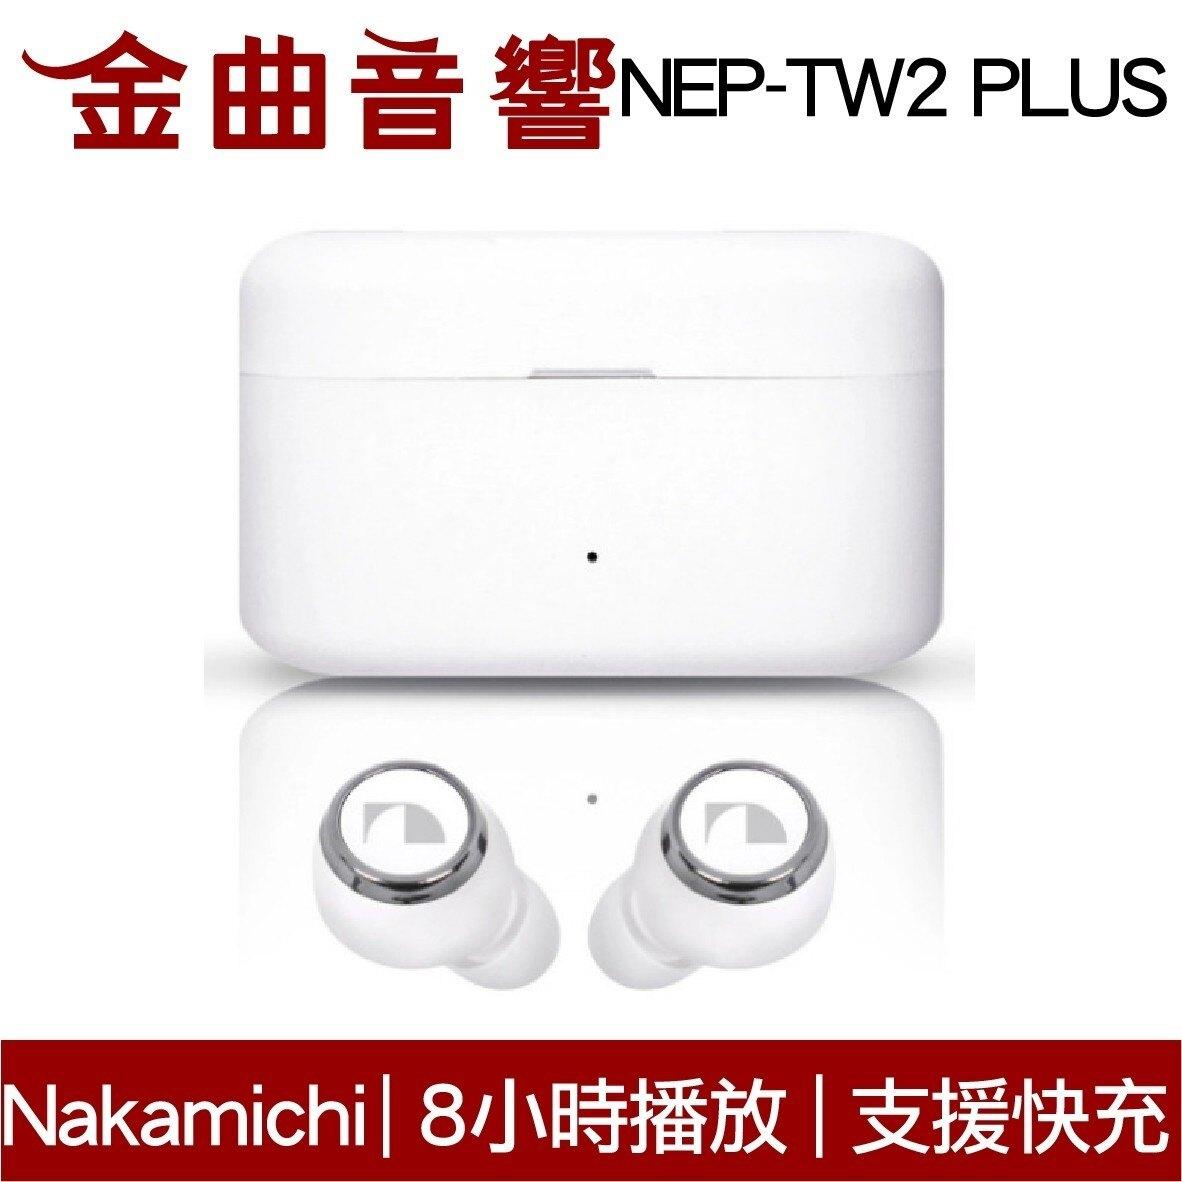 Nakamichi My Music Hue Plus 真無線耳機 白色 NEP-TW2 Plus | 金曲音響